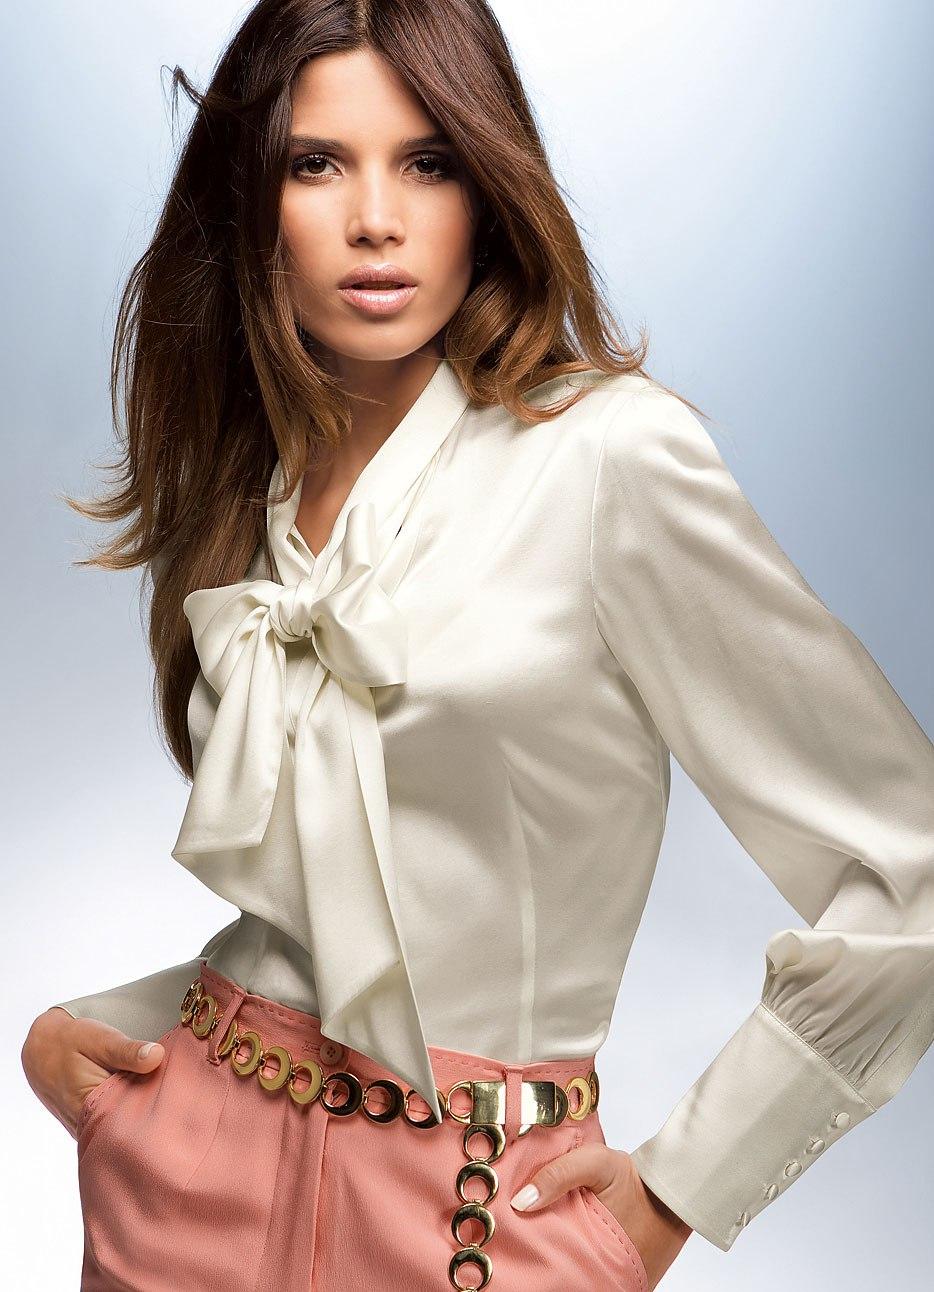 Учительница в белой блузки 15 фотография